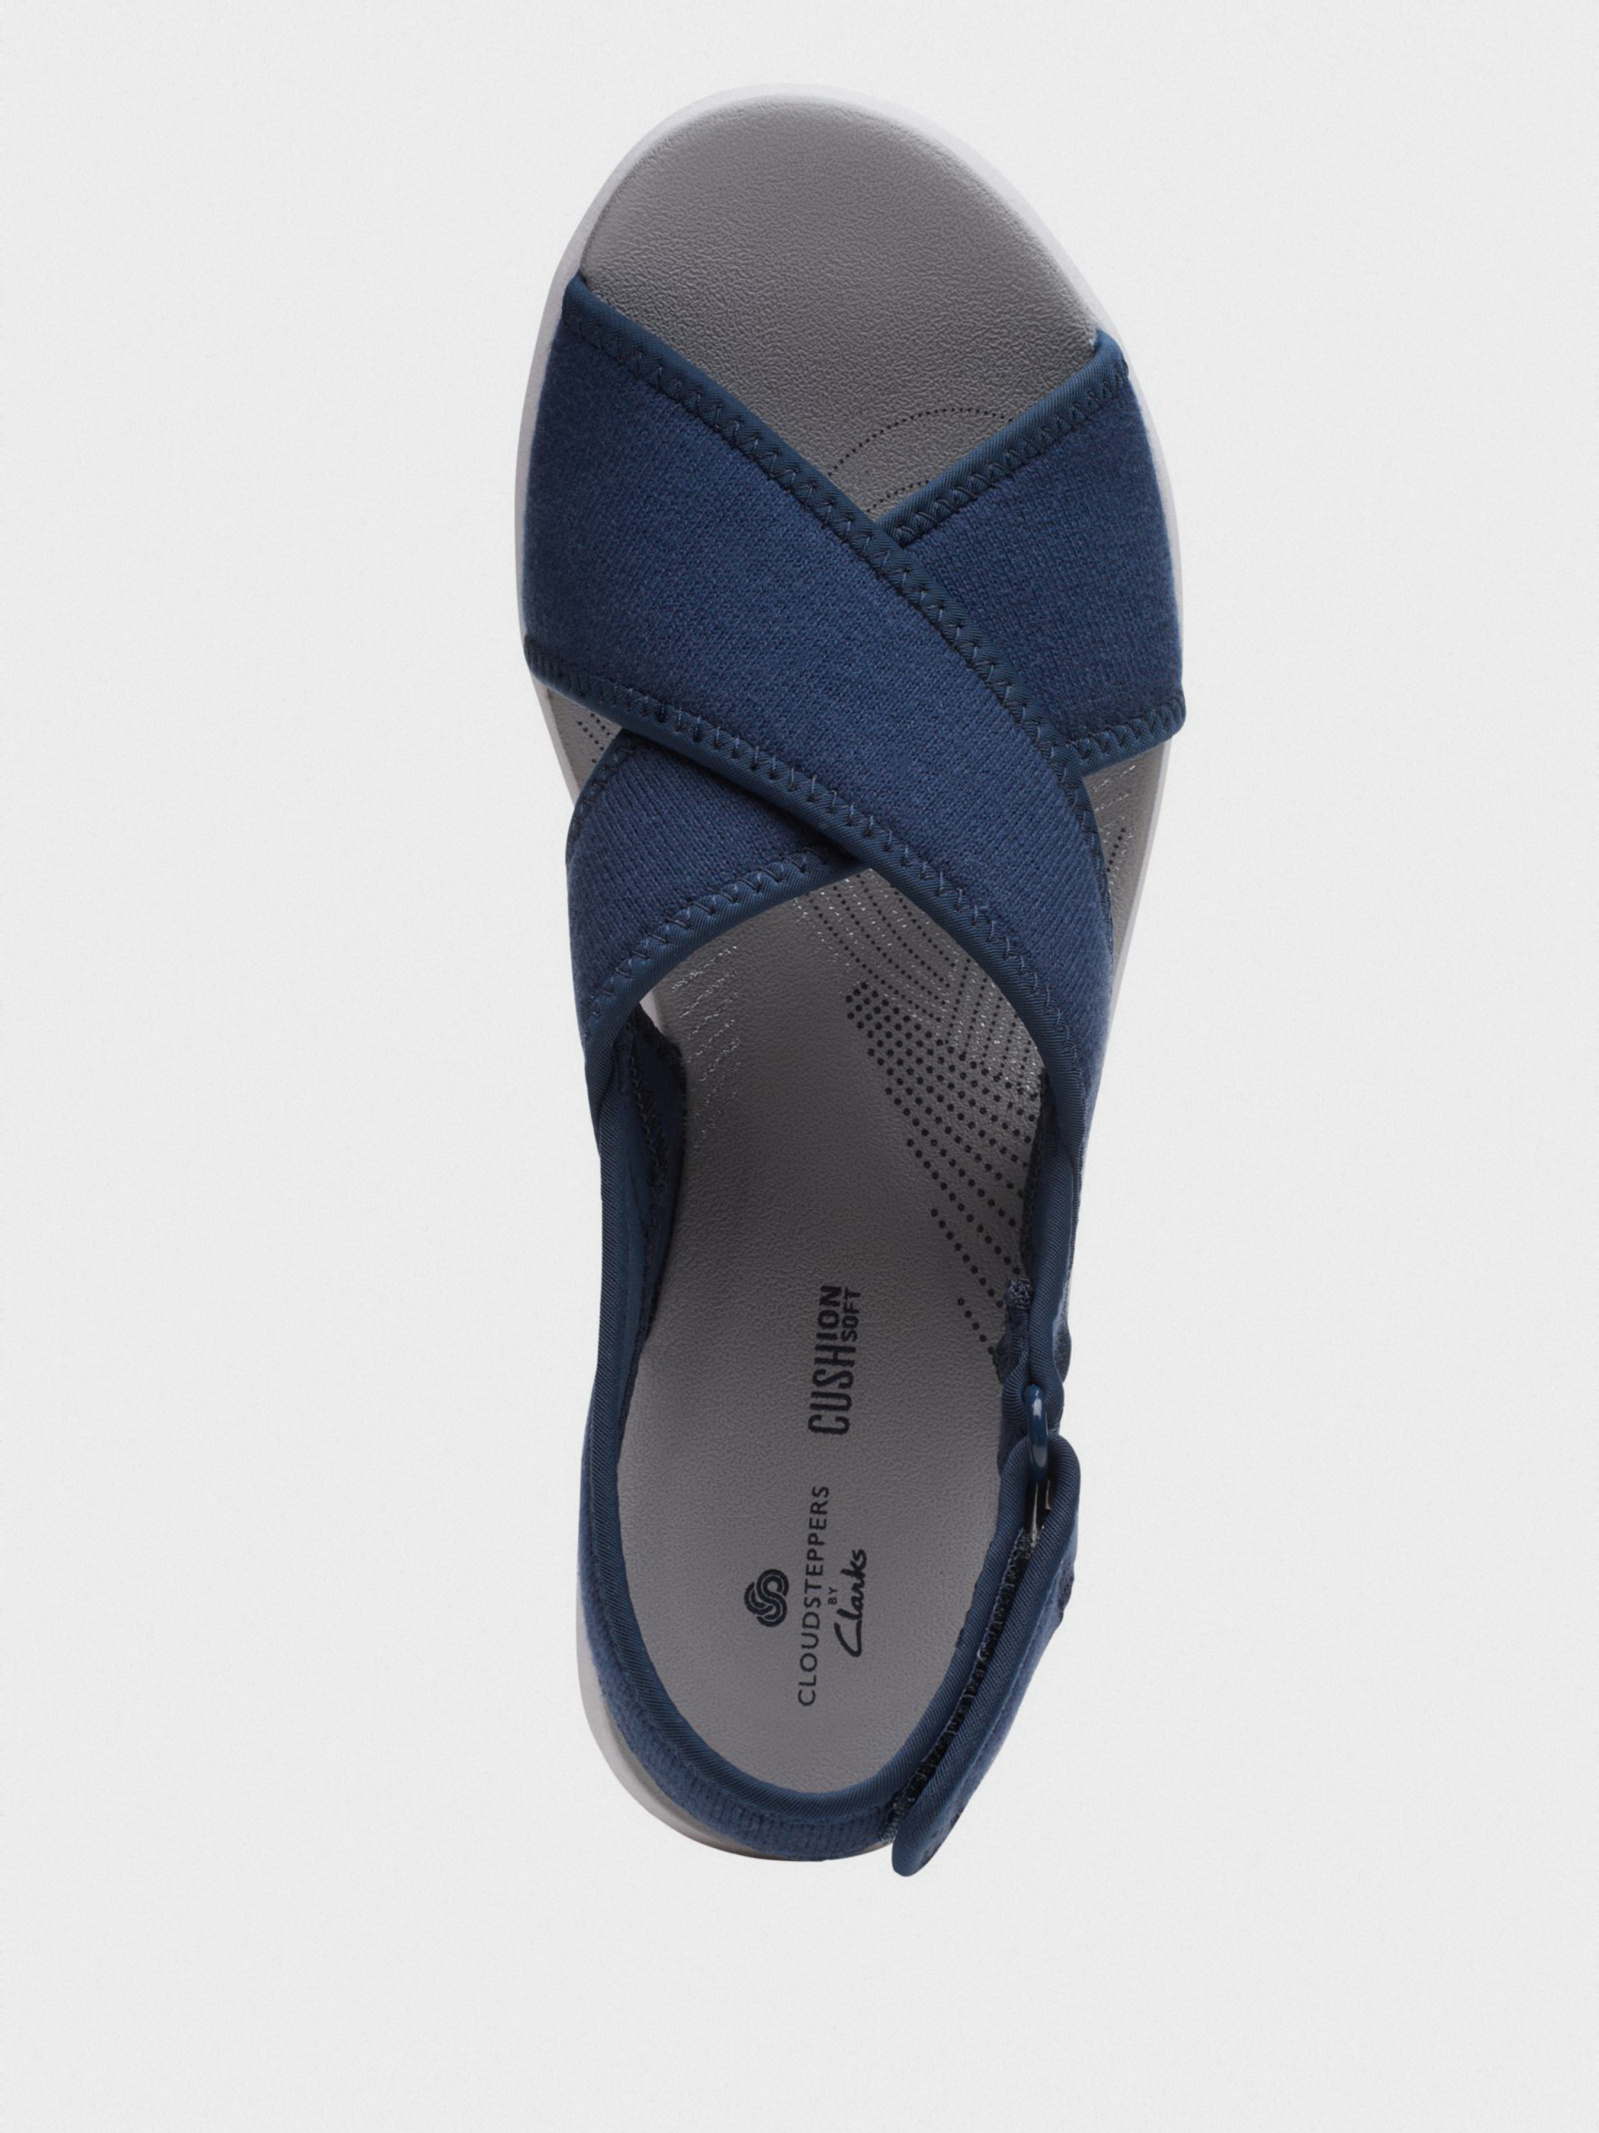 Сандалі  для жінок Clarks 2614-8929 модне взуття, 2017